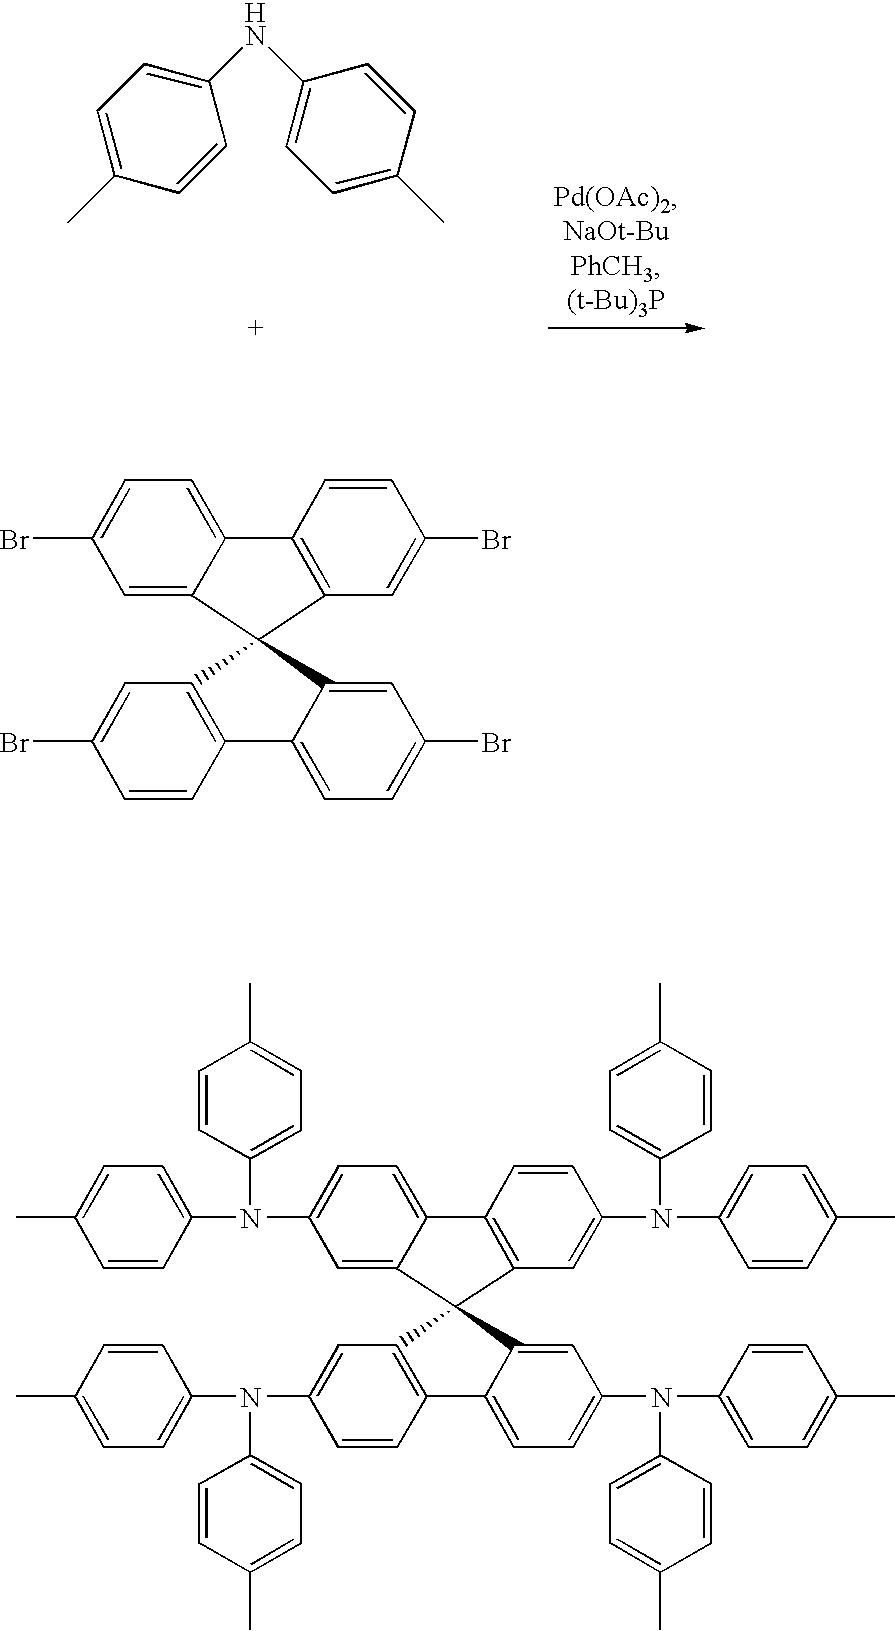 Figure US07540978-20090602-C00008